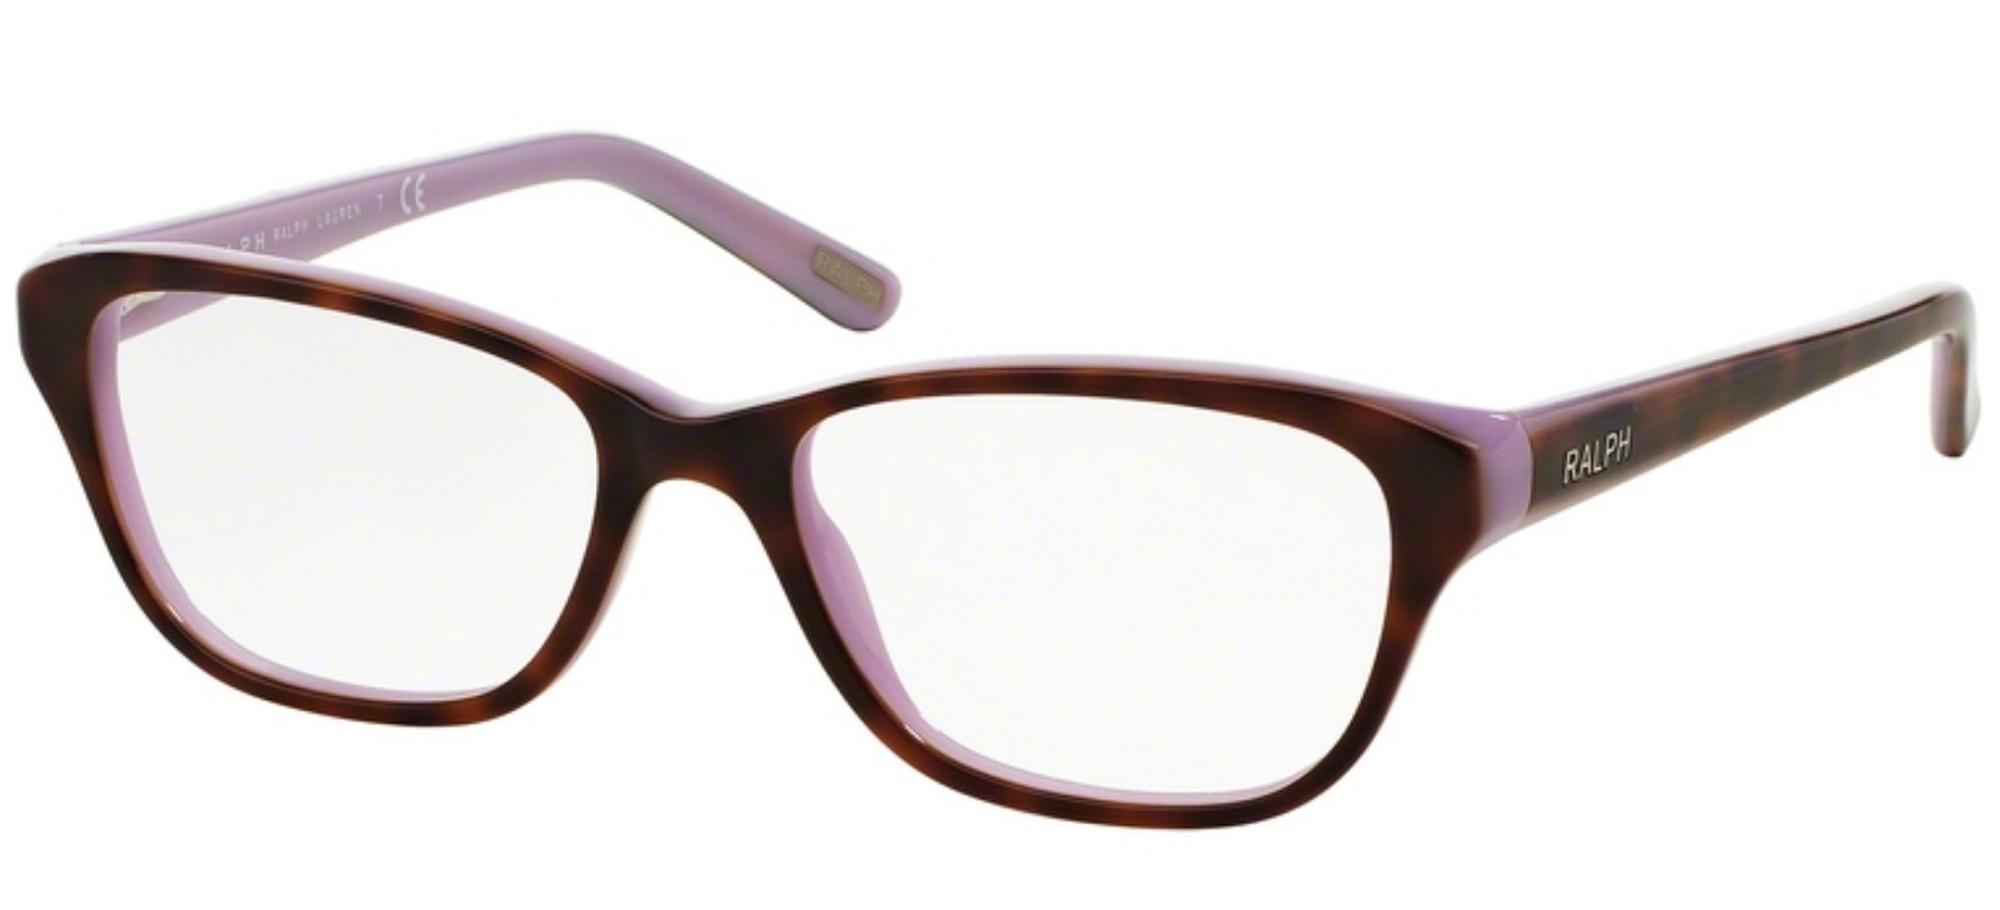 Ralph brillen RA 7020